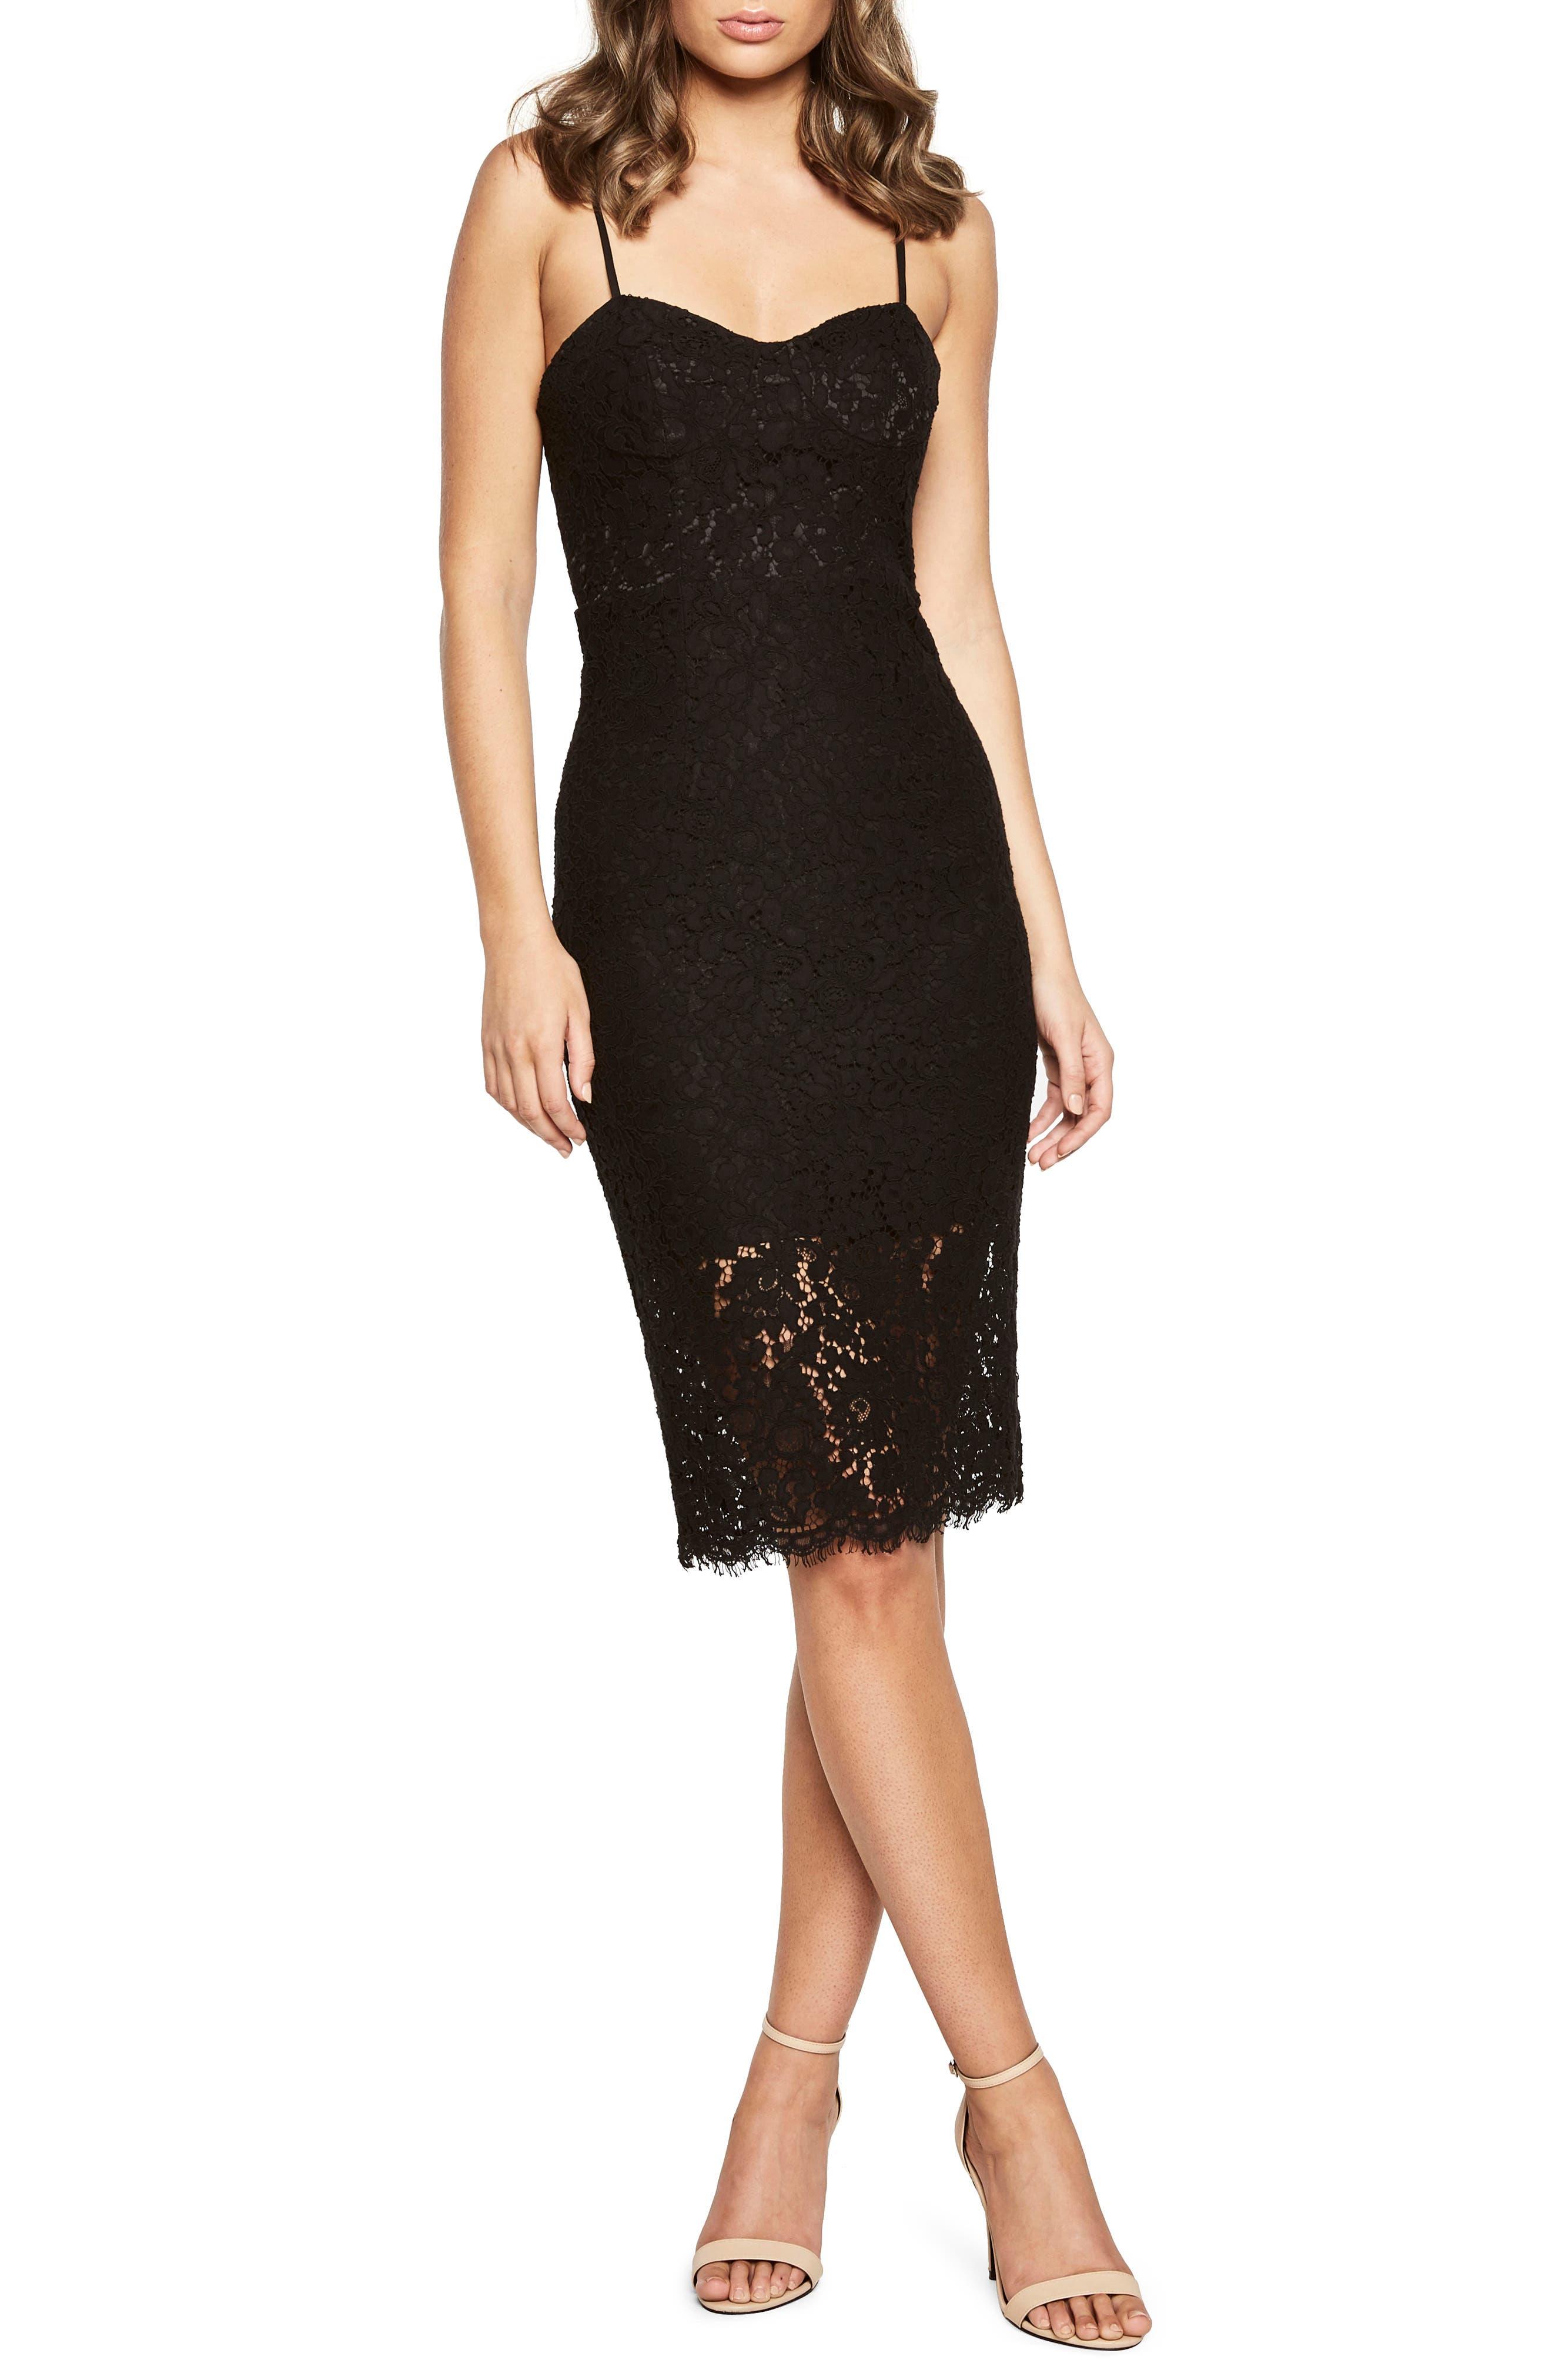 Pierre Lace Dress,                             Main thumbnail 1, color,                             Black